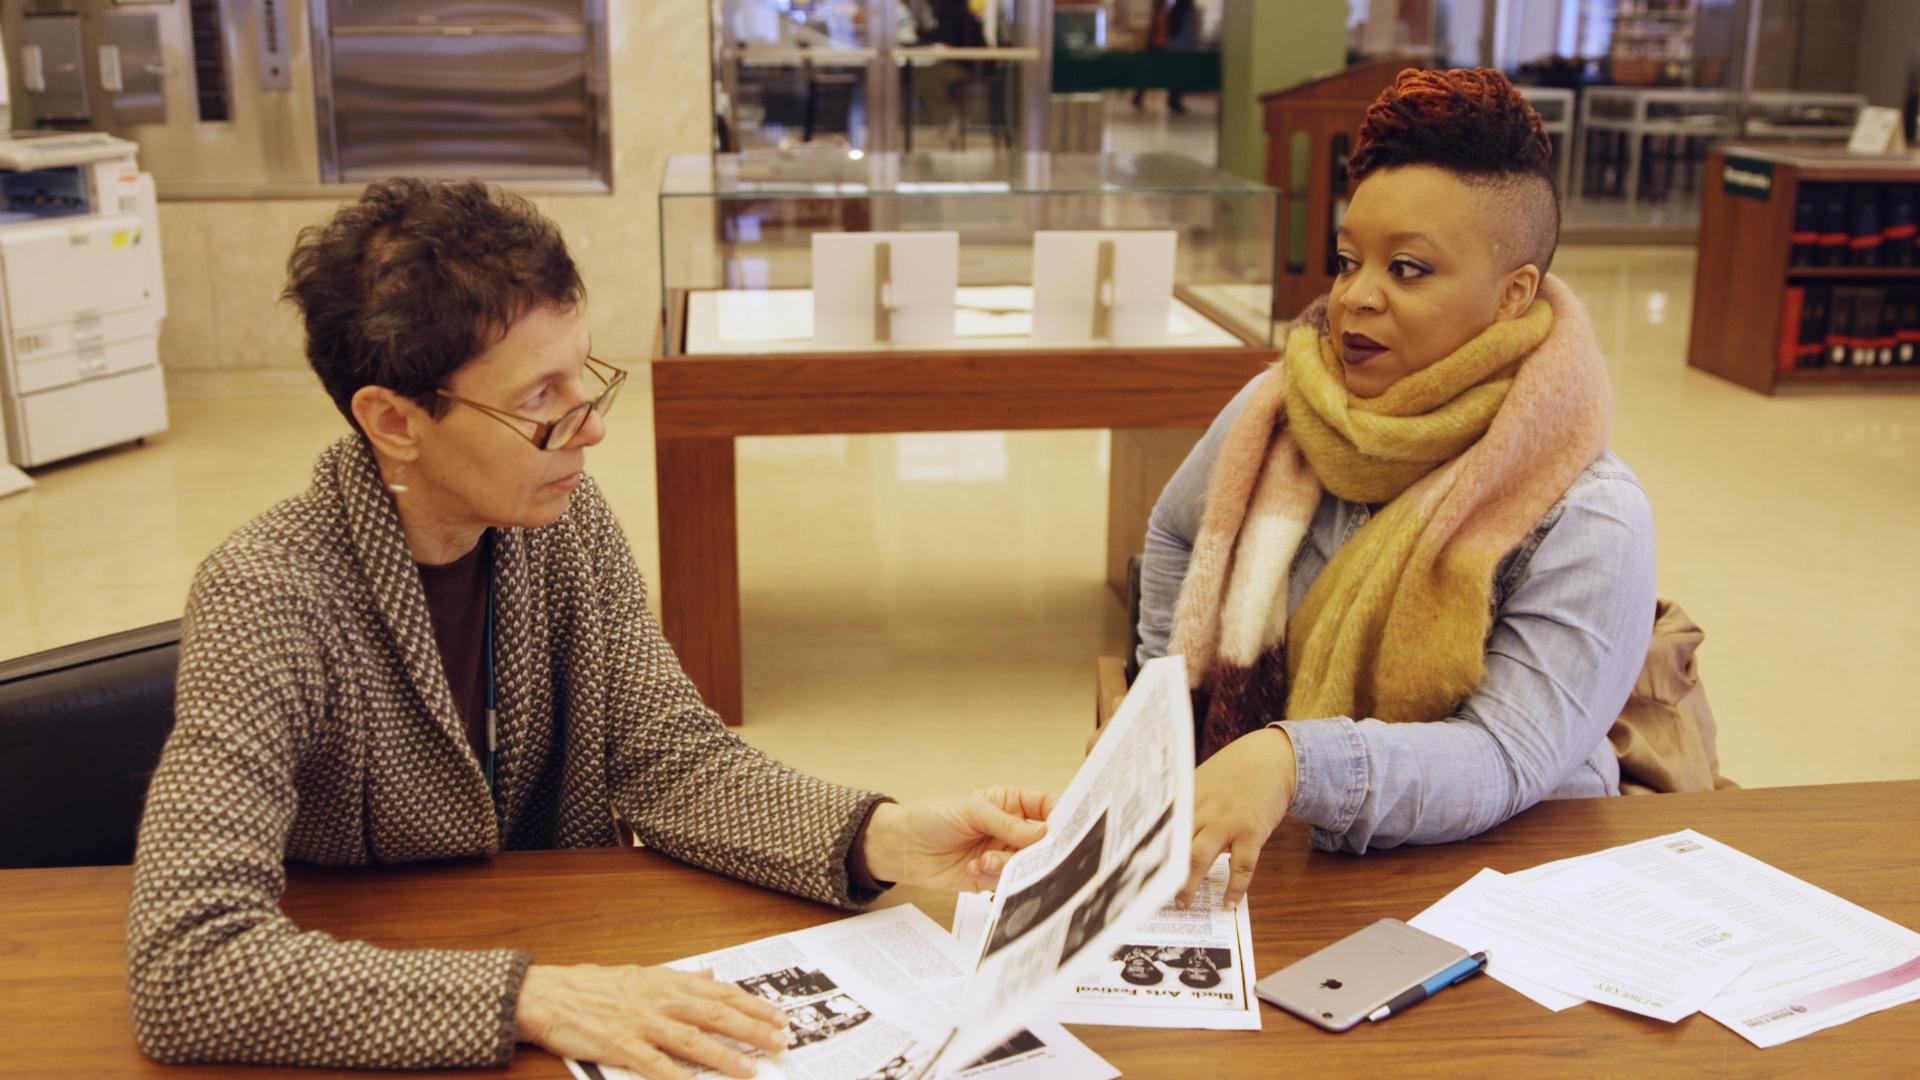 The Spirit of Nina In Buffalo - Highlighting Legendary Nina Simone's Buffalo, NY Connection.